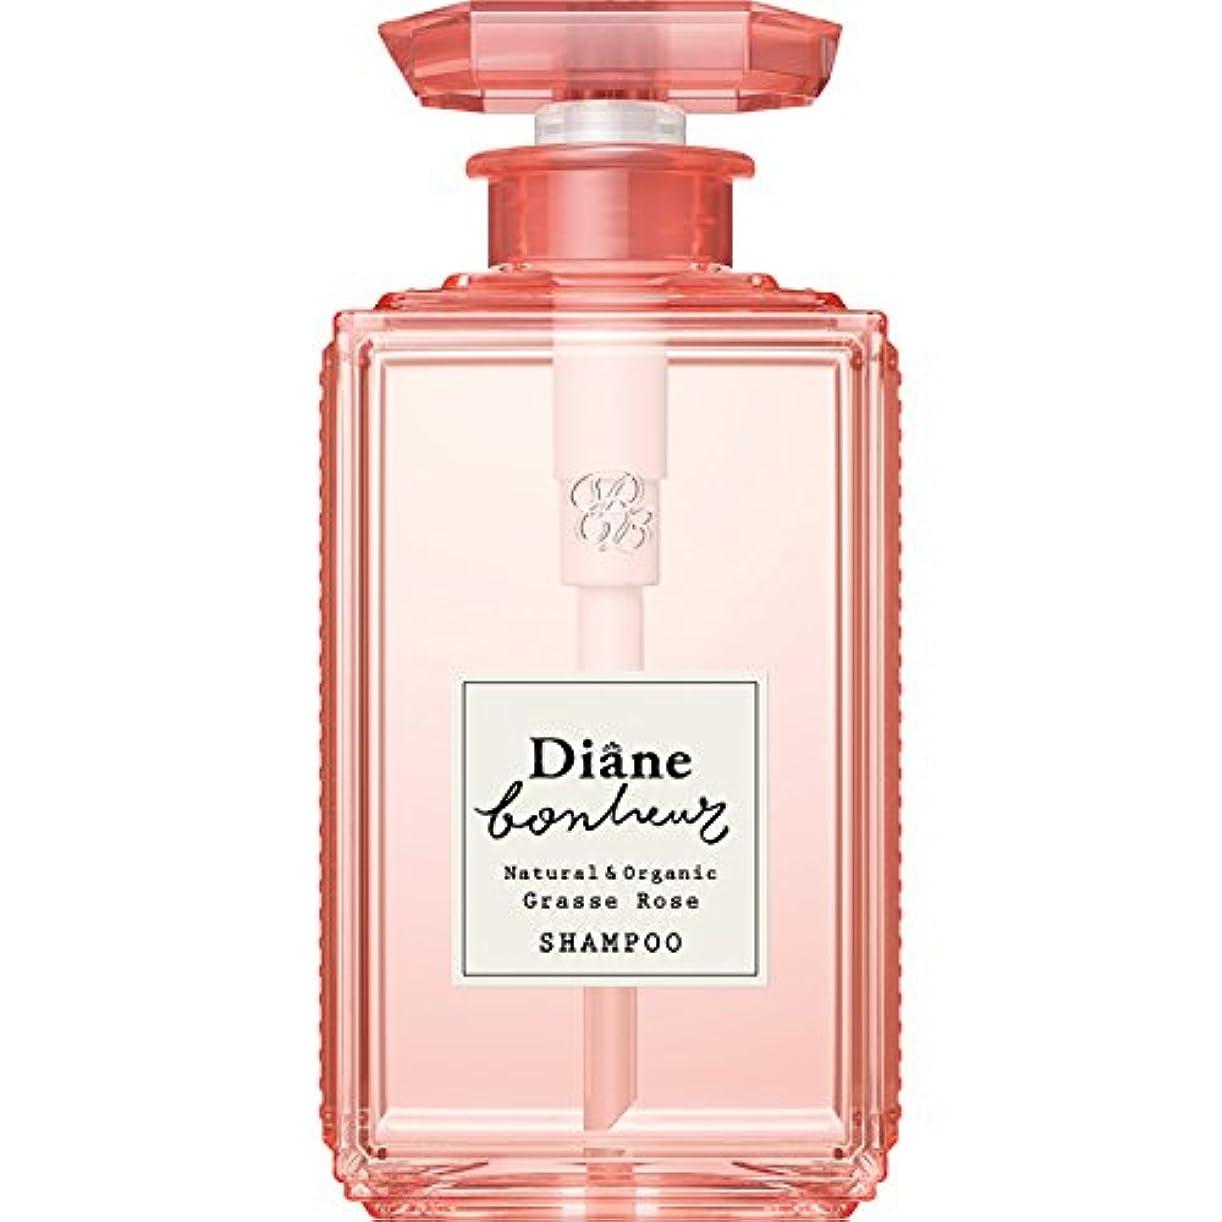 上昇説教する助けになるダイアン ボヌール グラースローズの香り ダメージリペア シャンプー 500ml